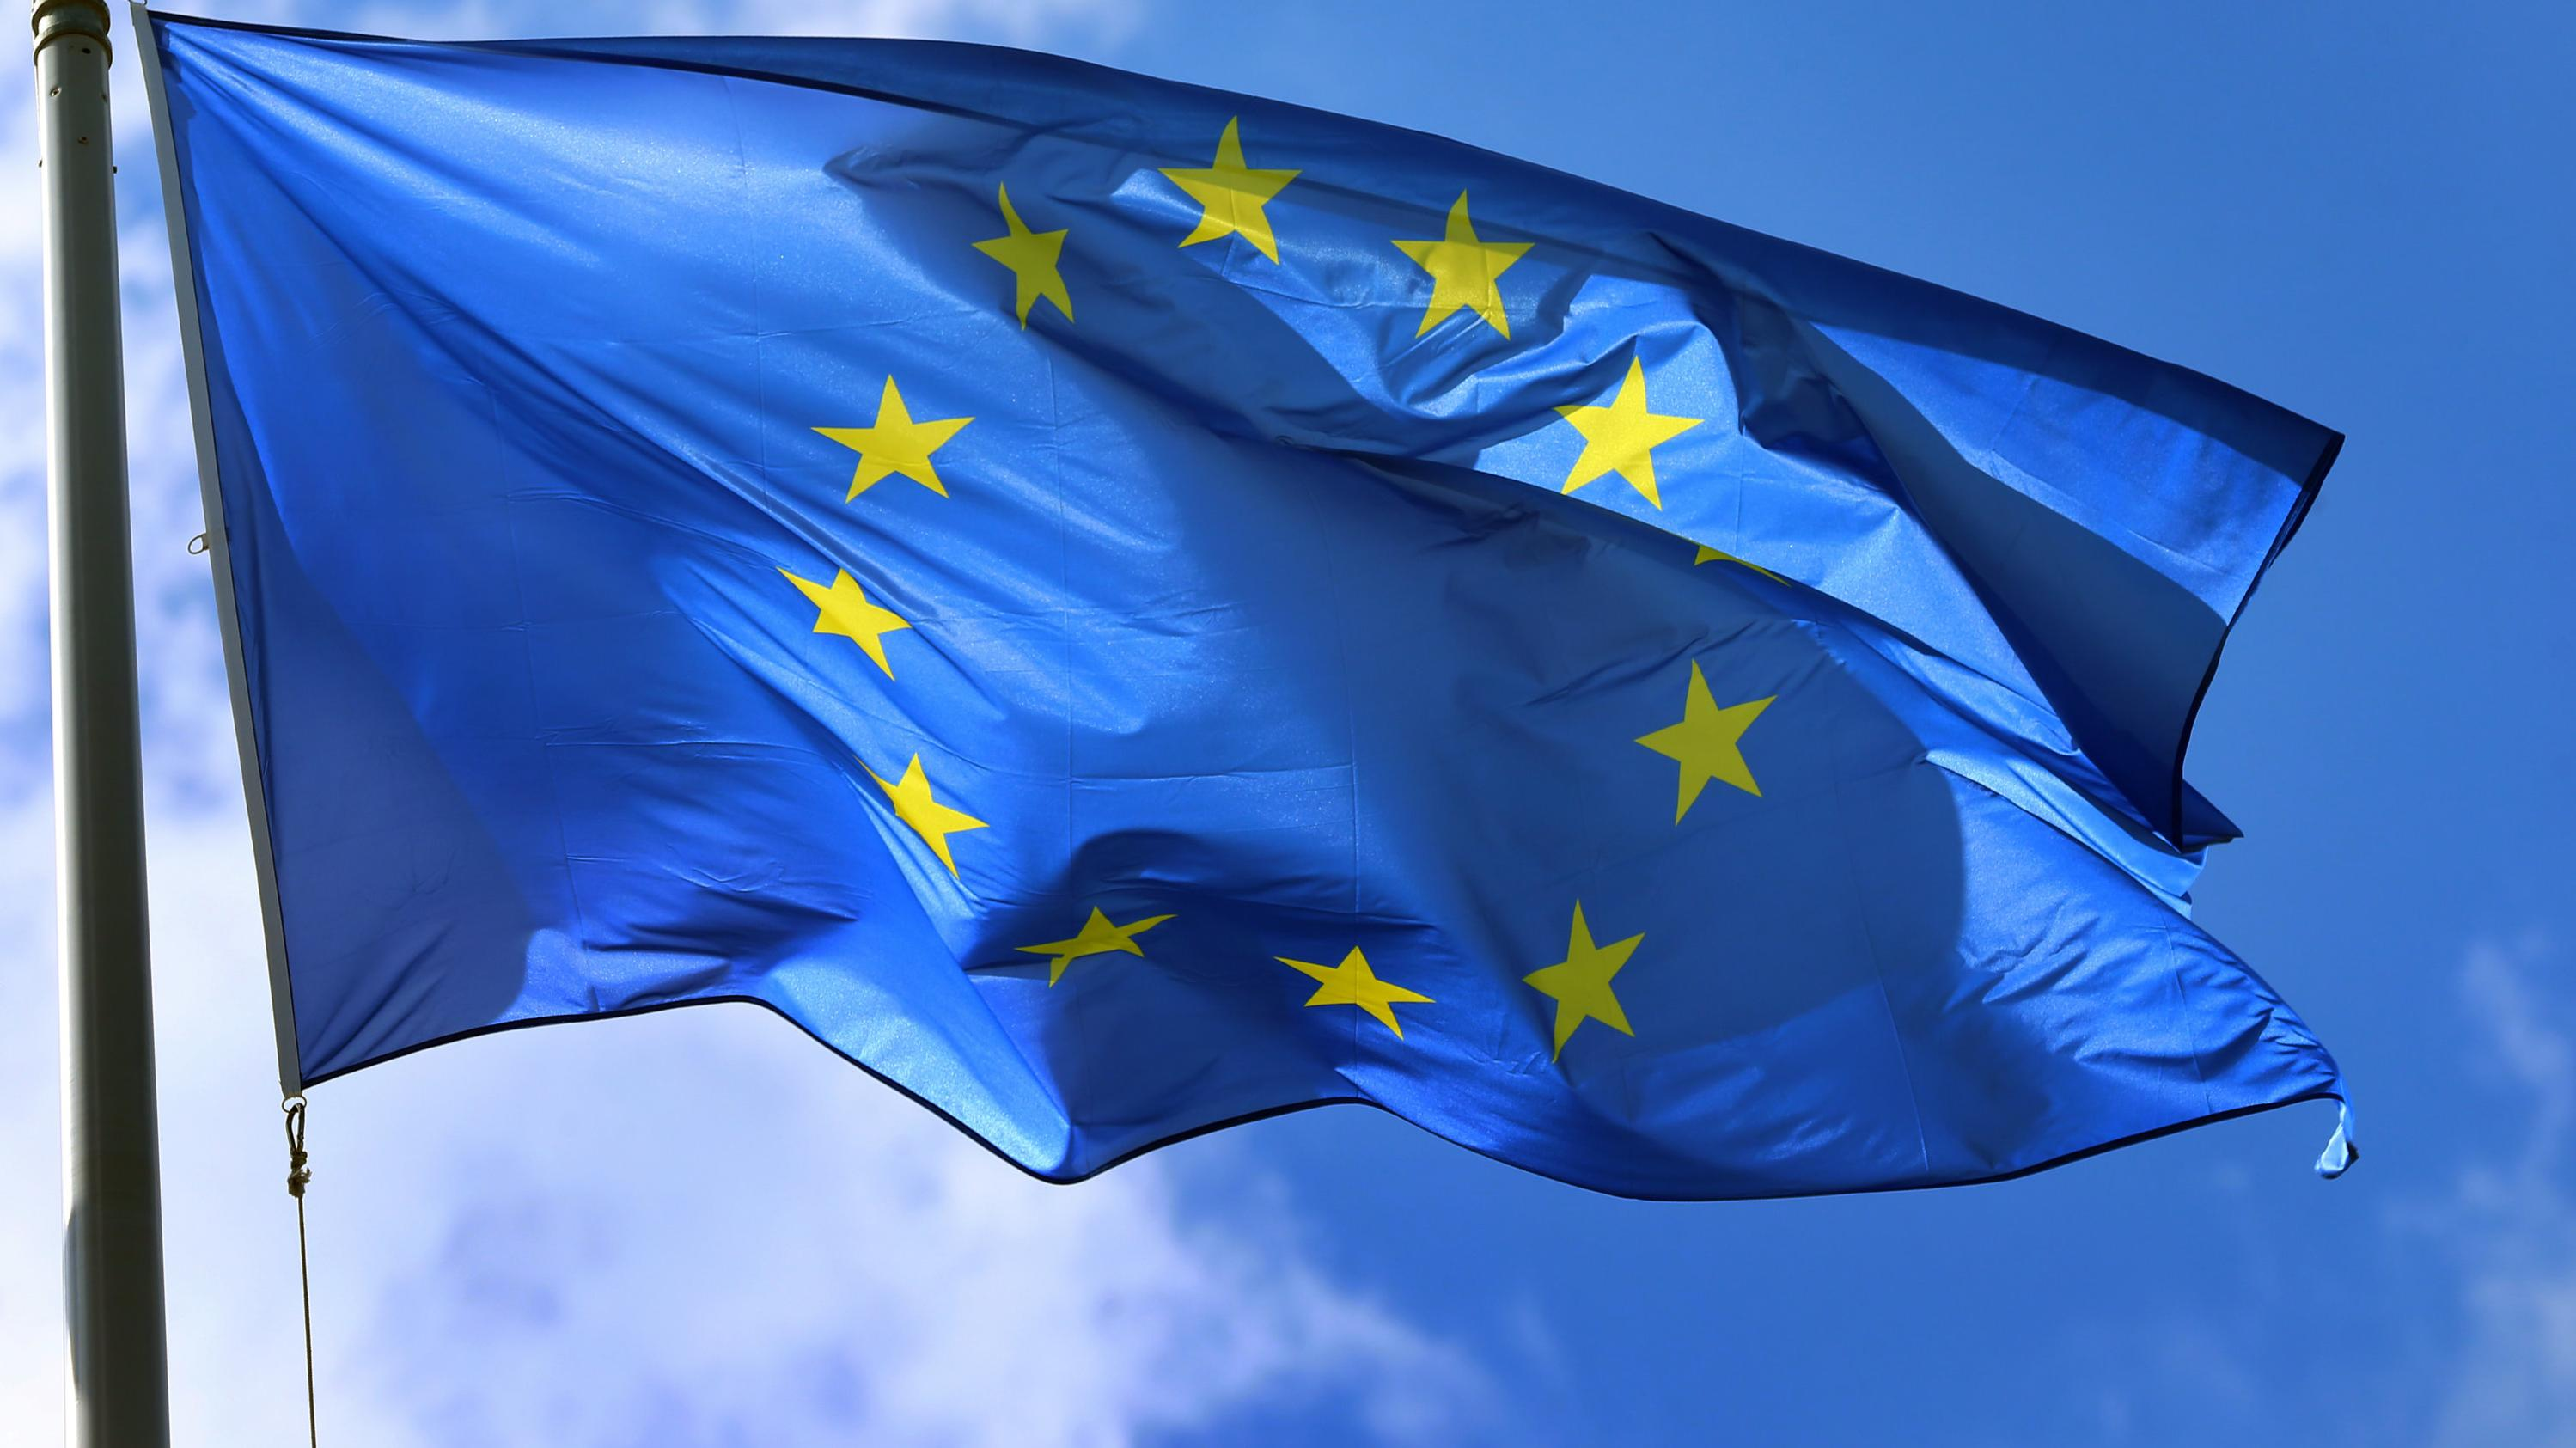 Urheberrechtsreform: Kritik an Video des EU-Parlaments